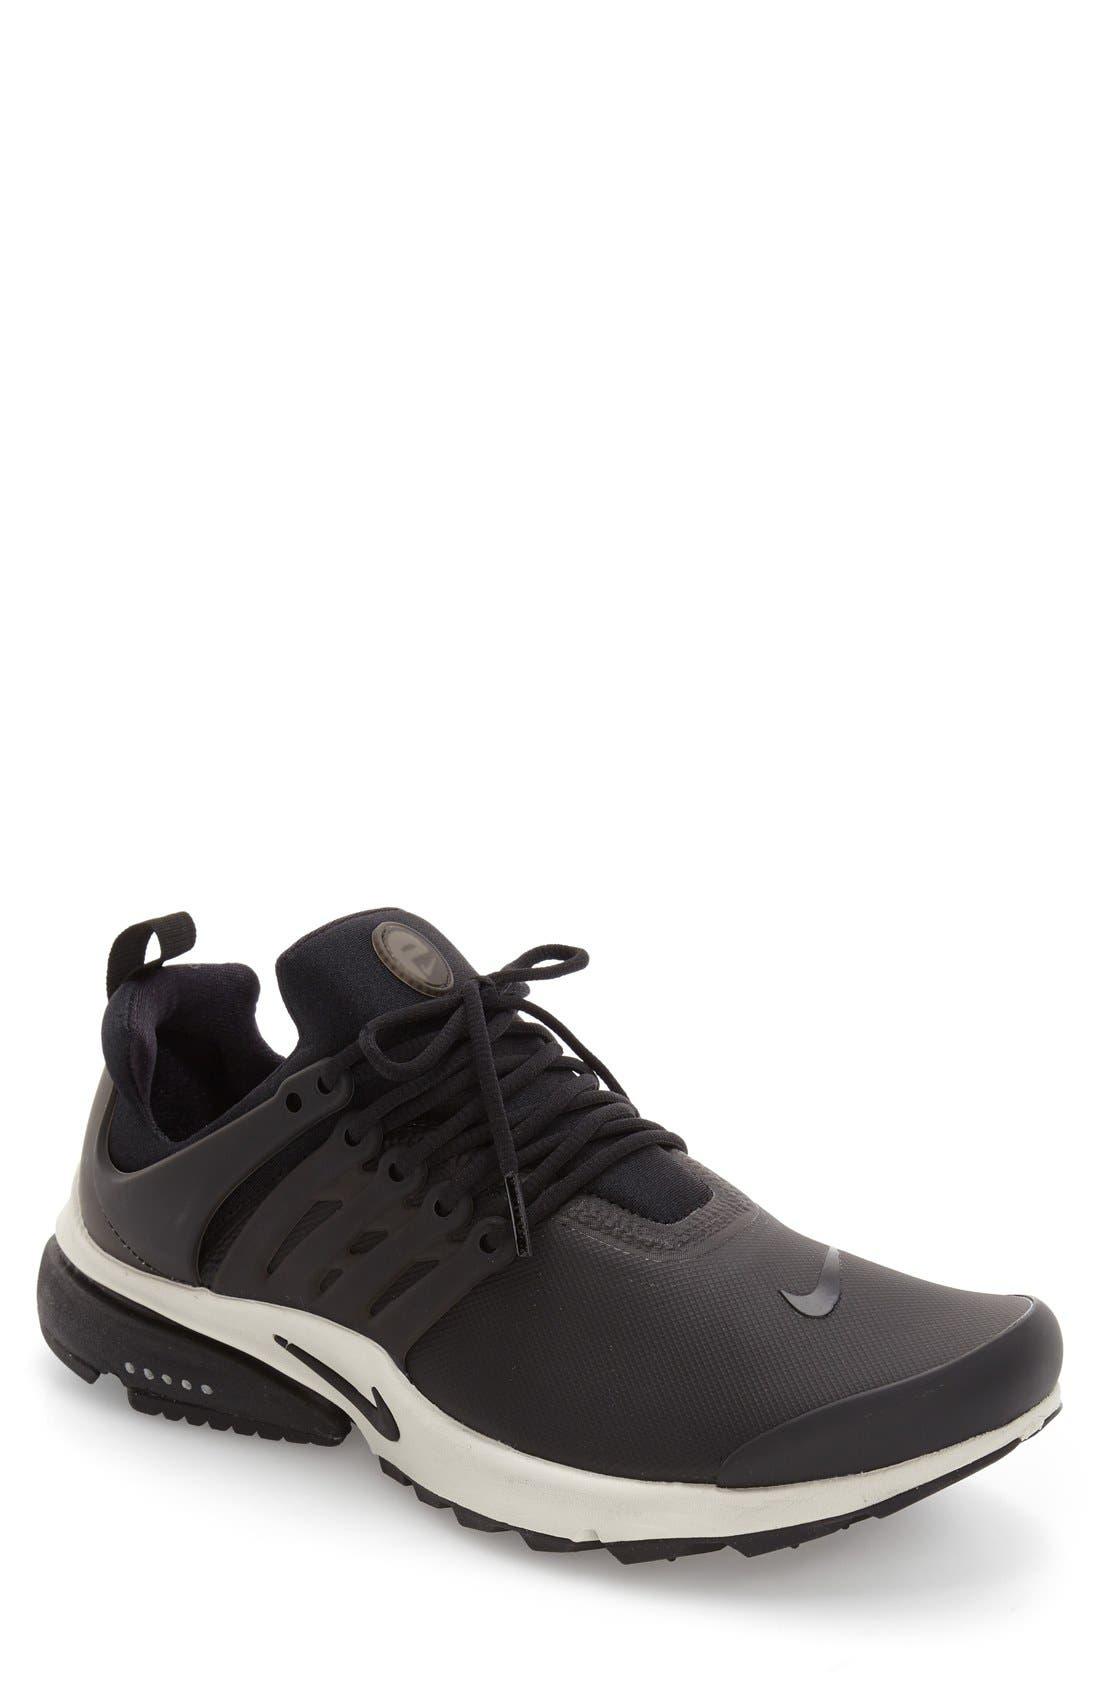 Alternate Image 1 Selected - Nike Air Presto Low Utility Sneaker (Men)